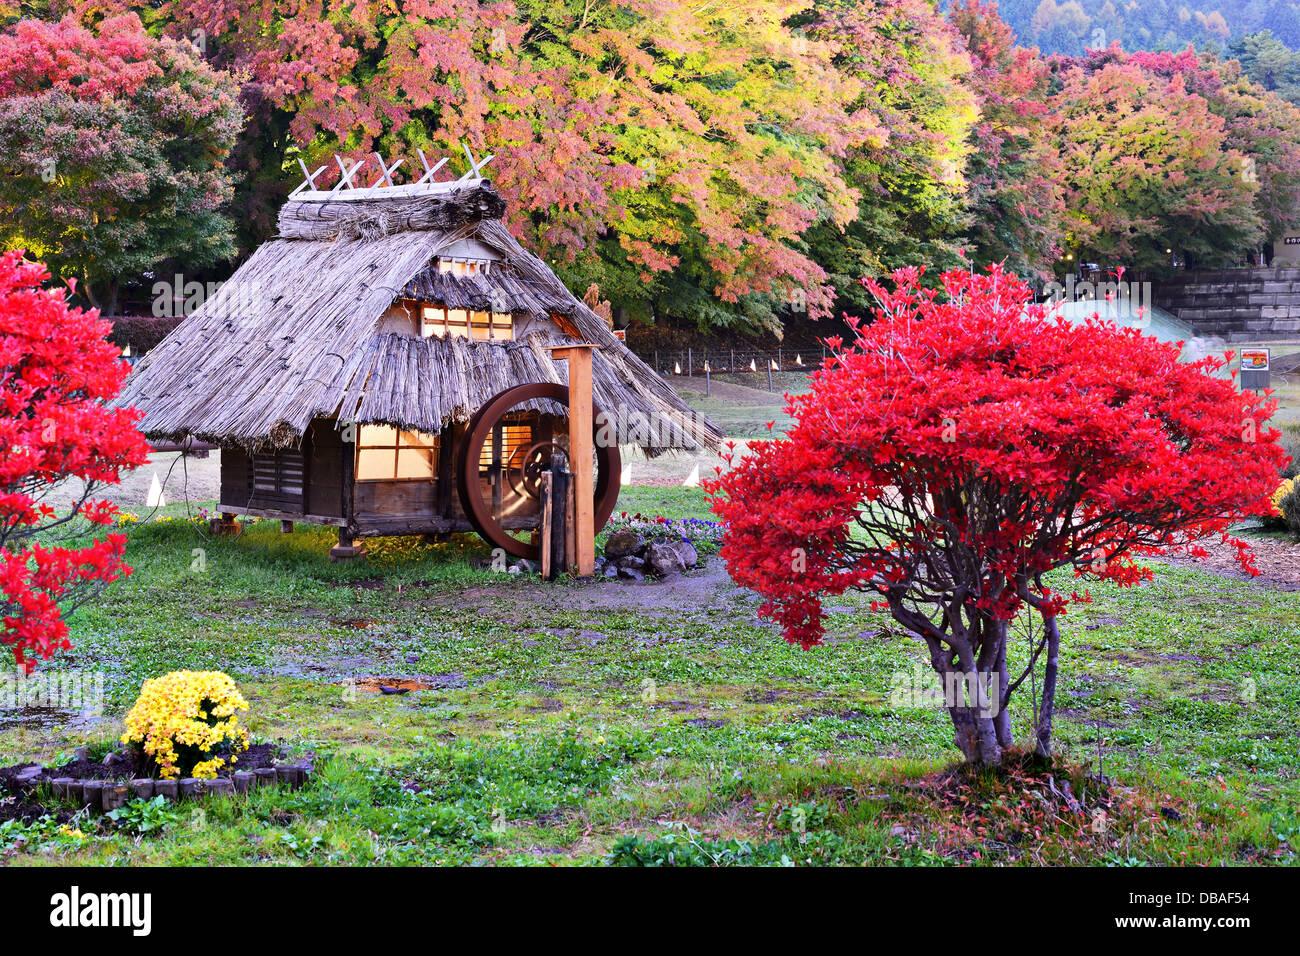 Hütten und Herbstlaub in Kawaguchi, Japan. Stockbild